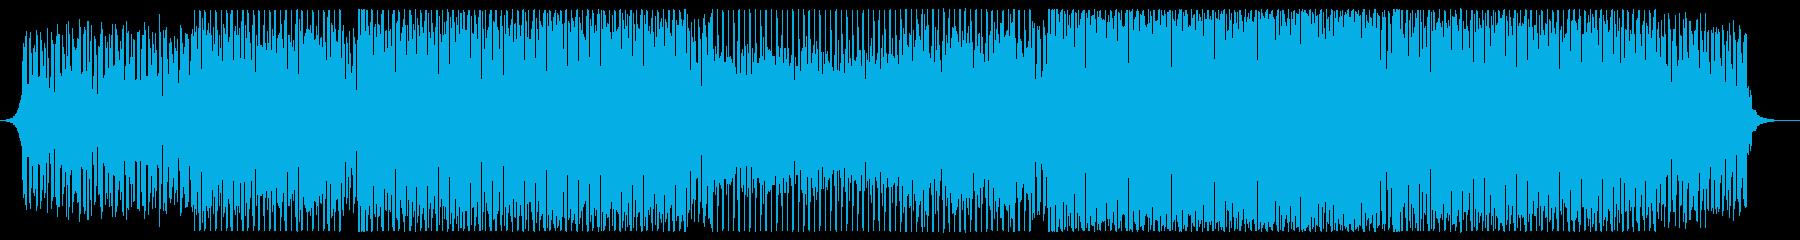 サマーダンスパーティーの再生済みの波形